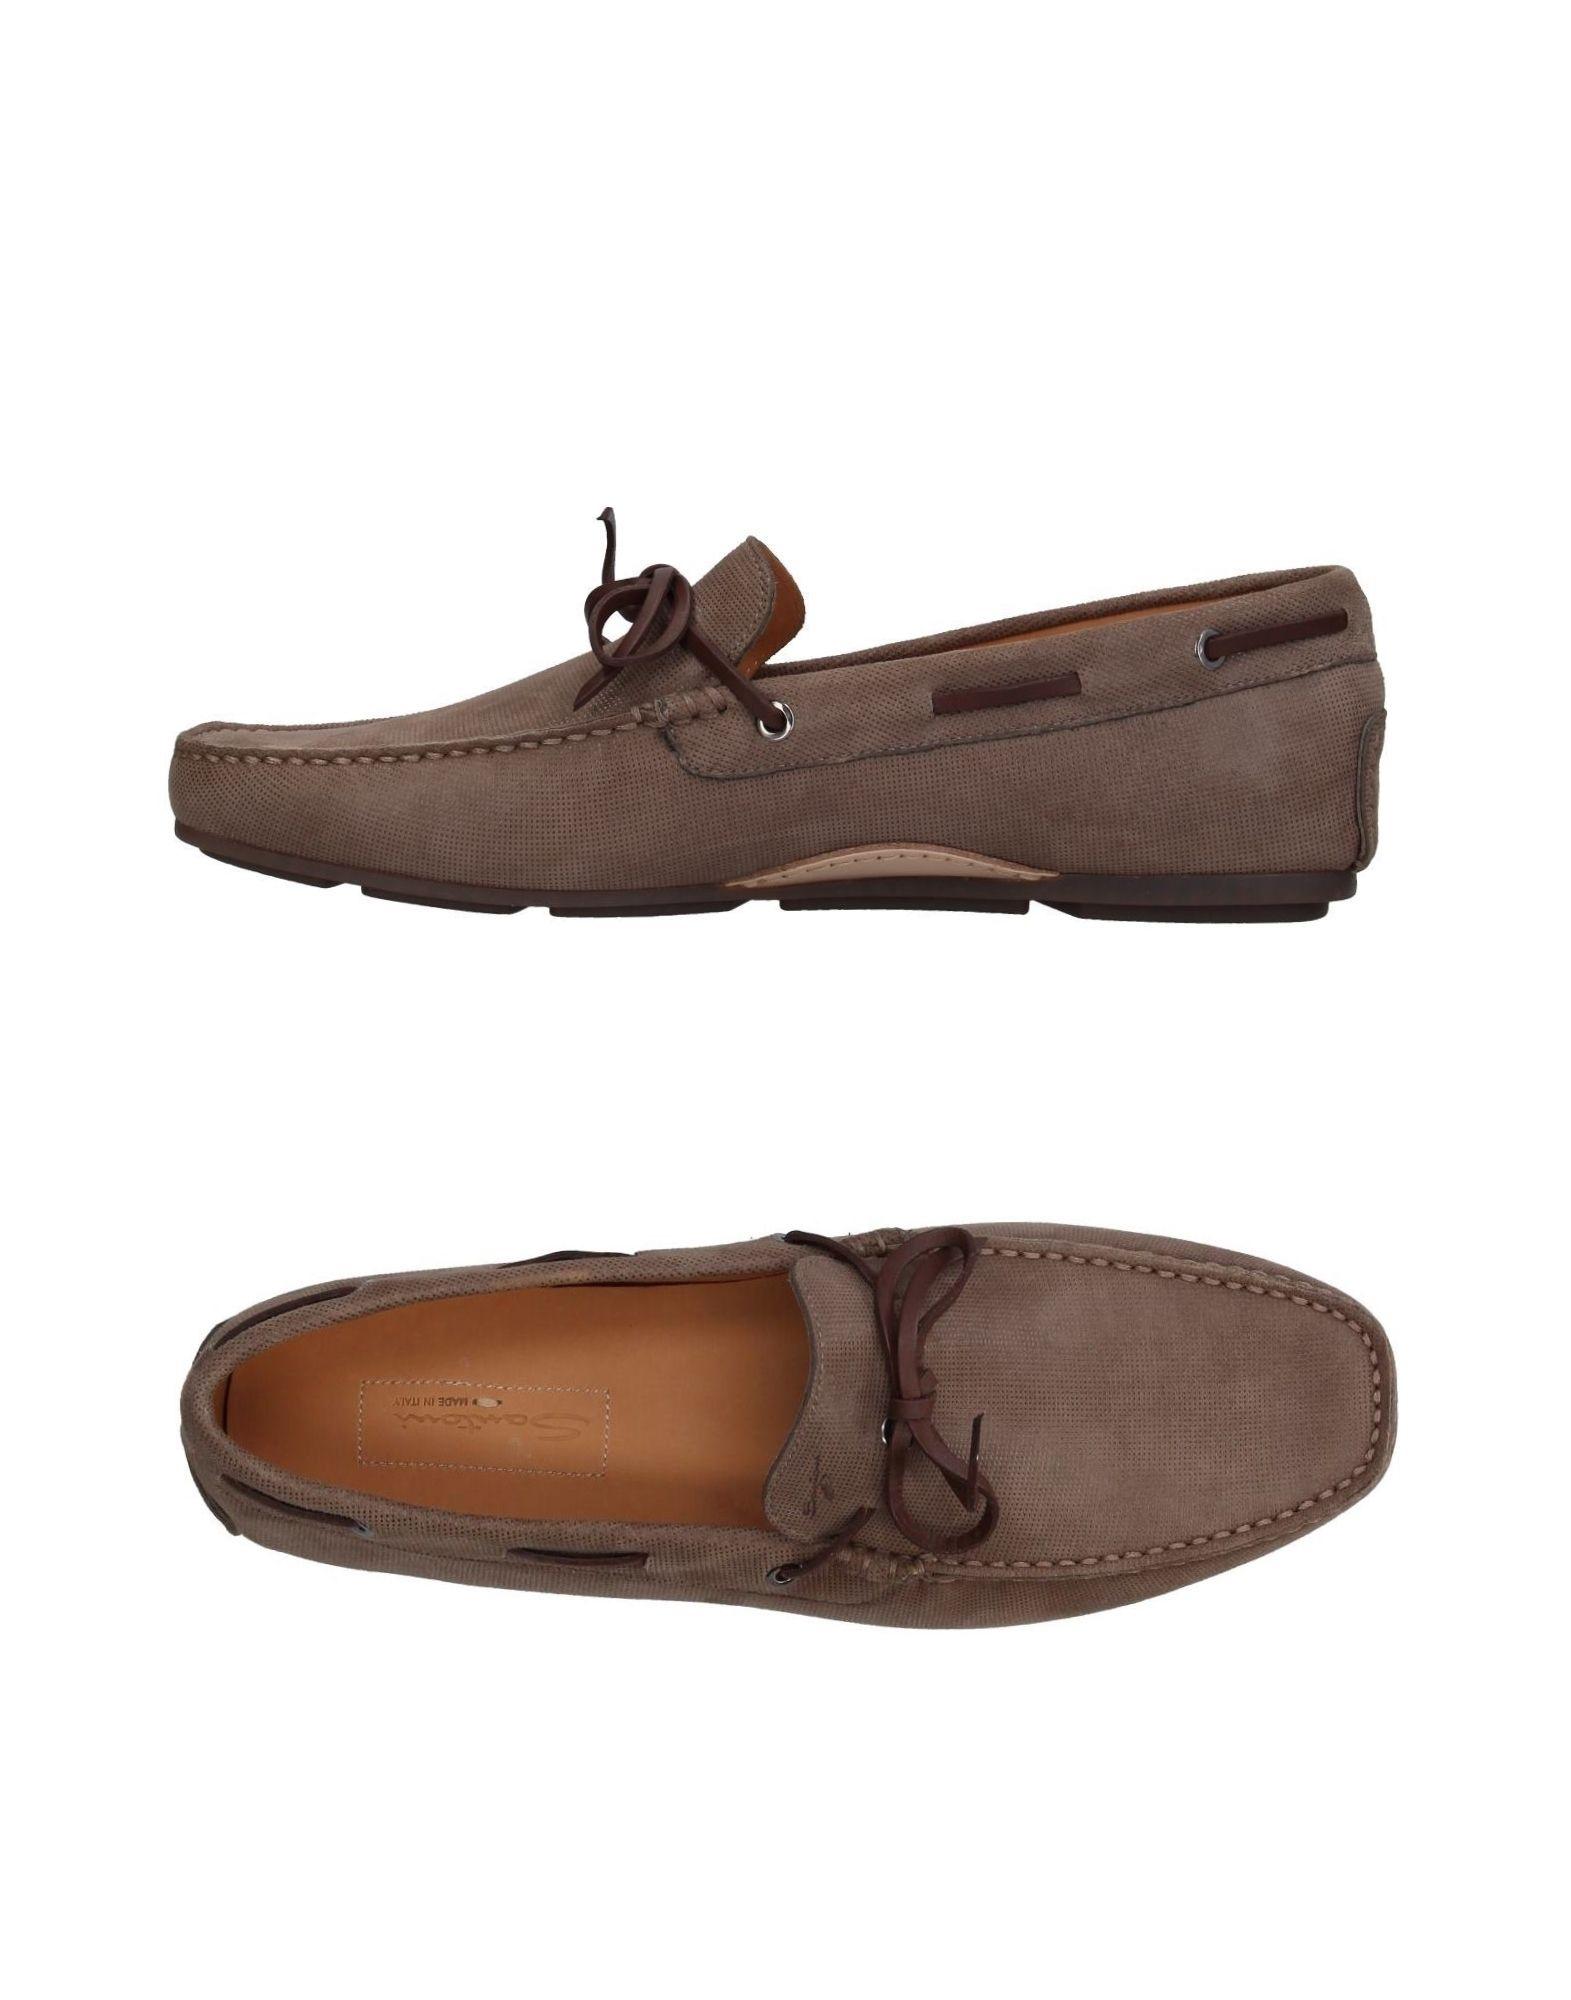 Santoni Mokassins Herren Schuhe  11409586IG Heiße Schuhe Herren 044a62